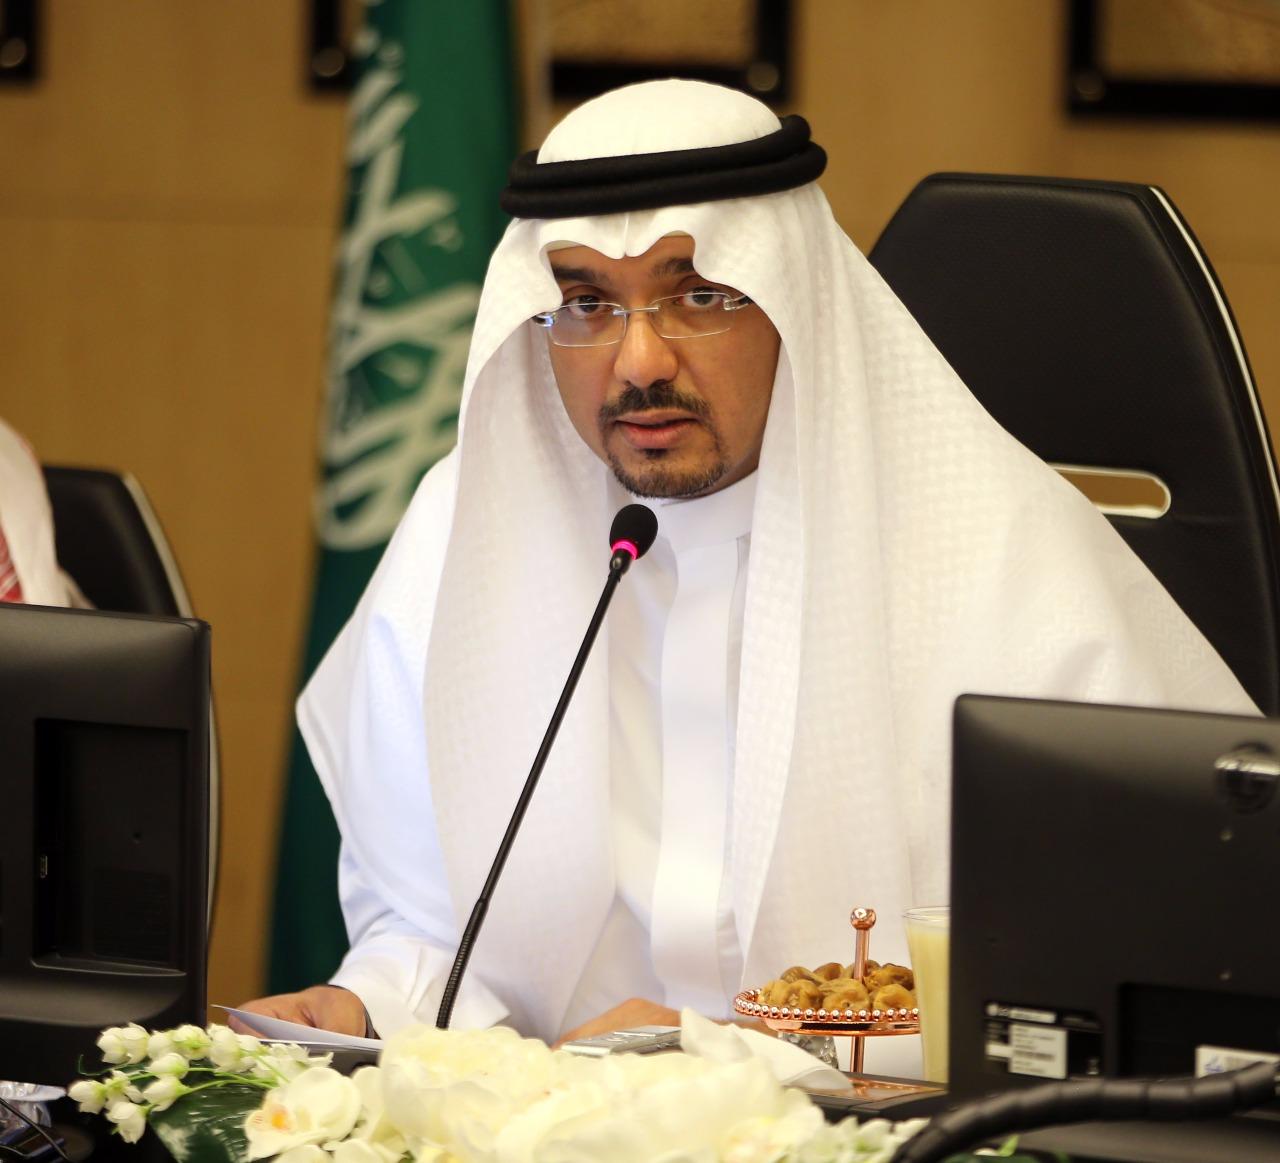 رئيس مجلس إدارة غرفة مكة المكرمة